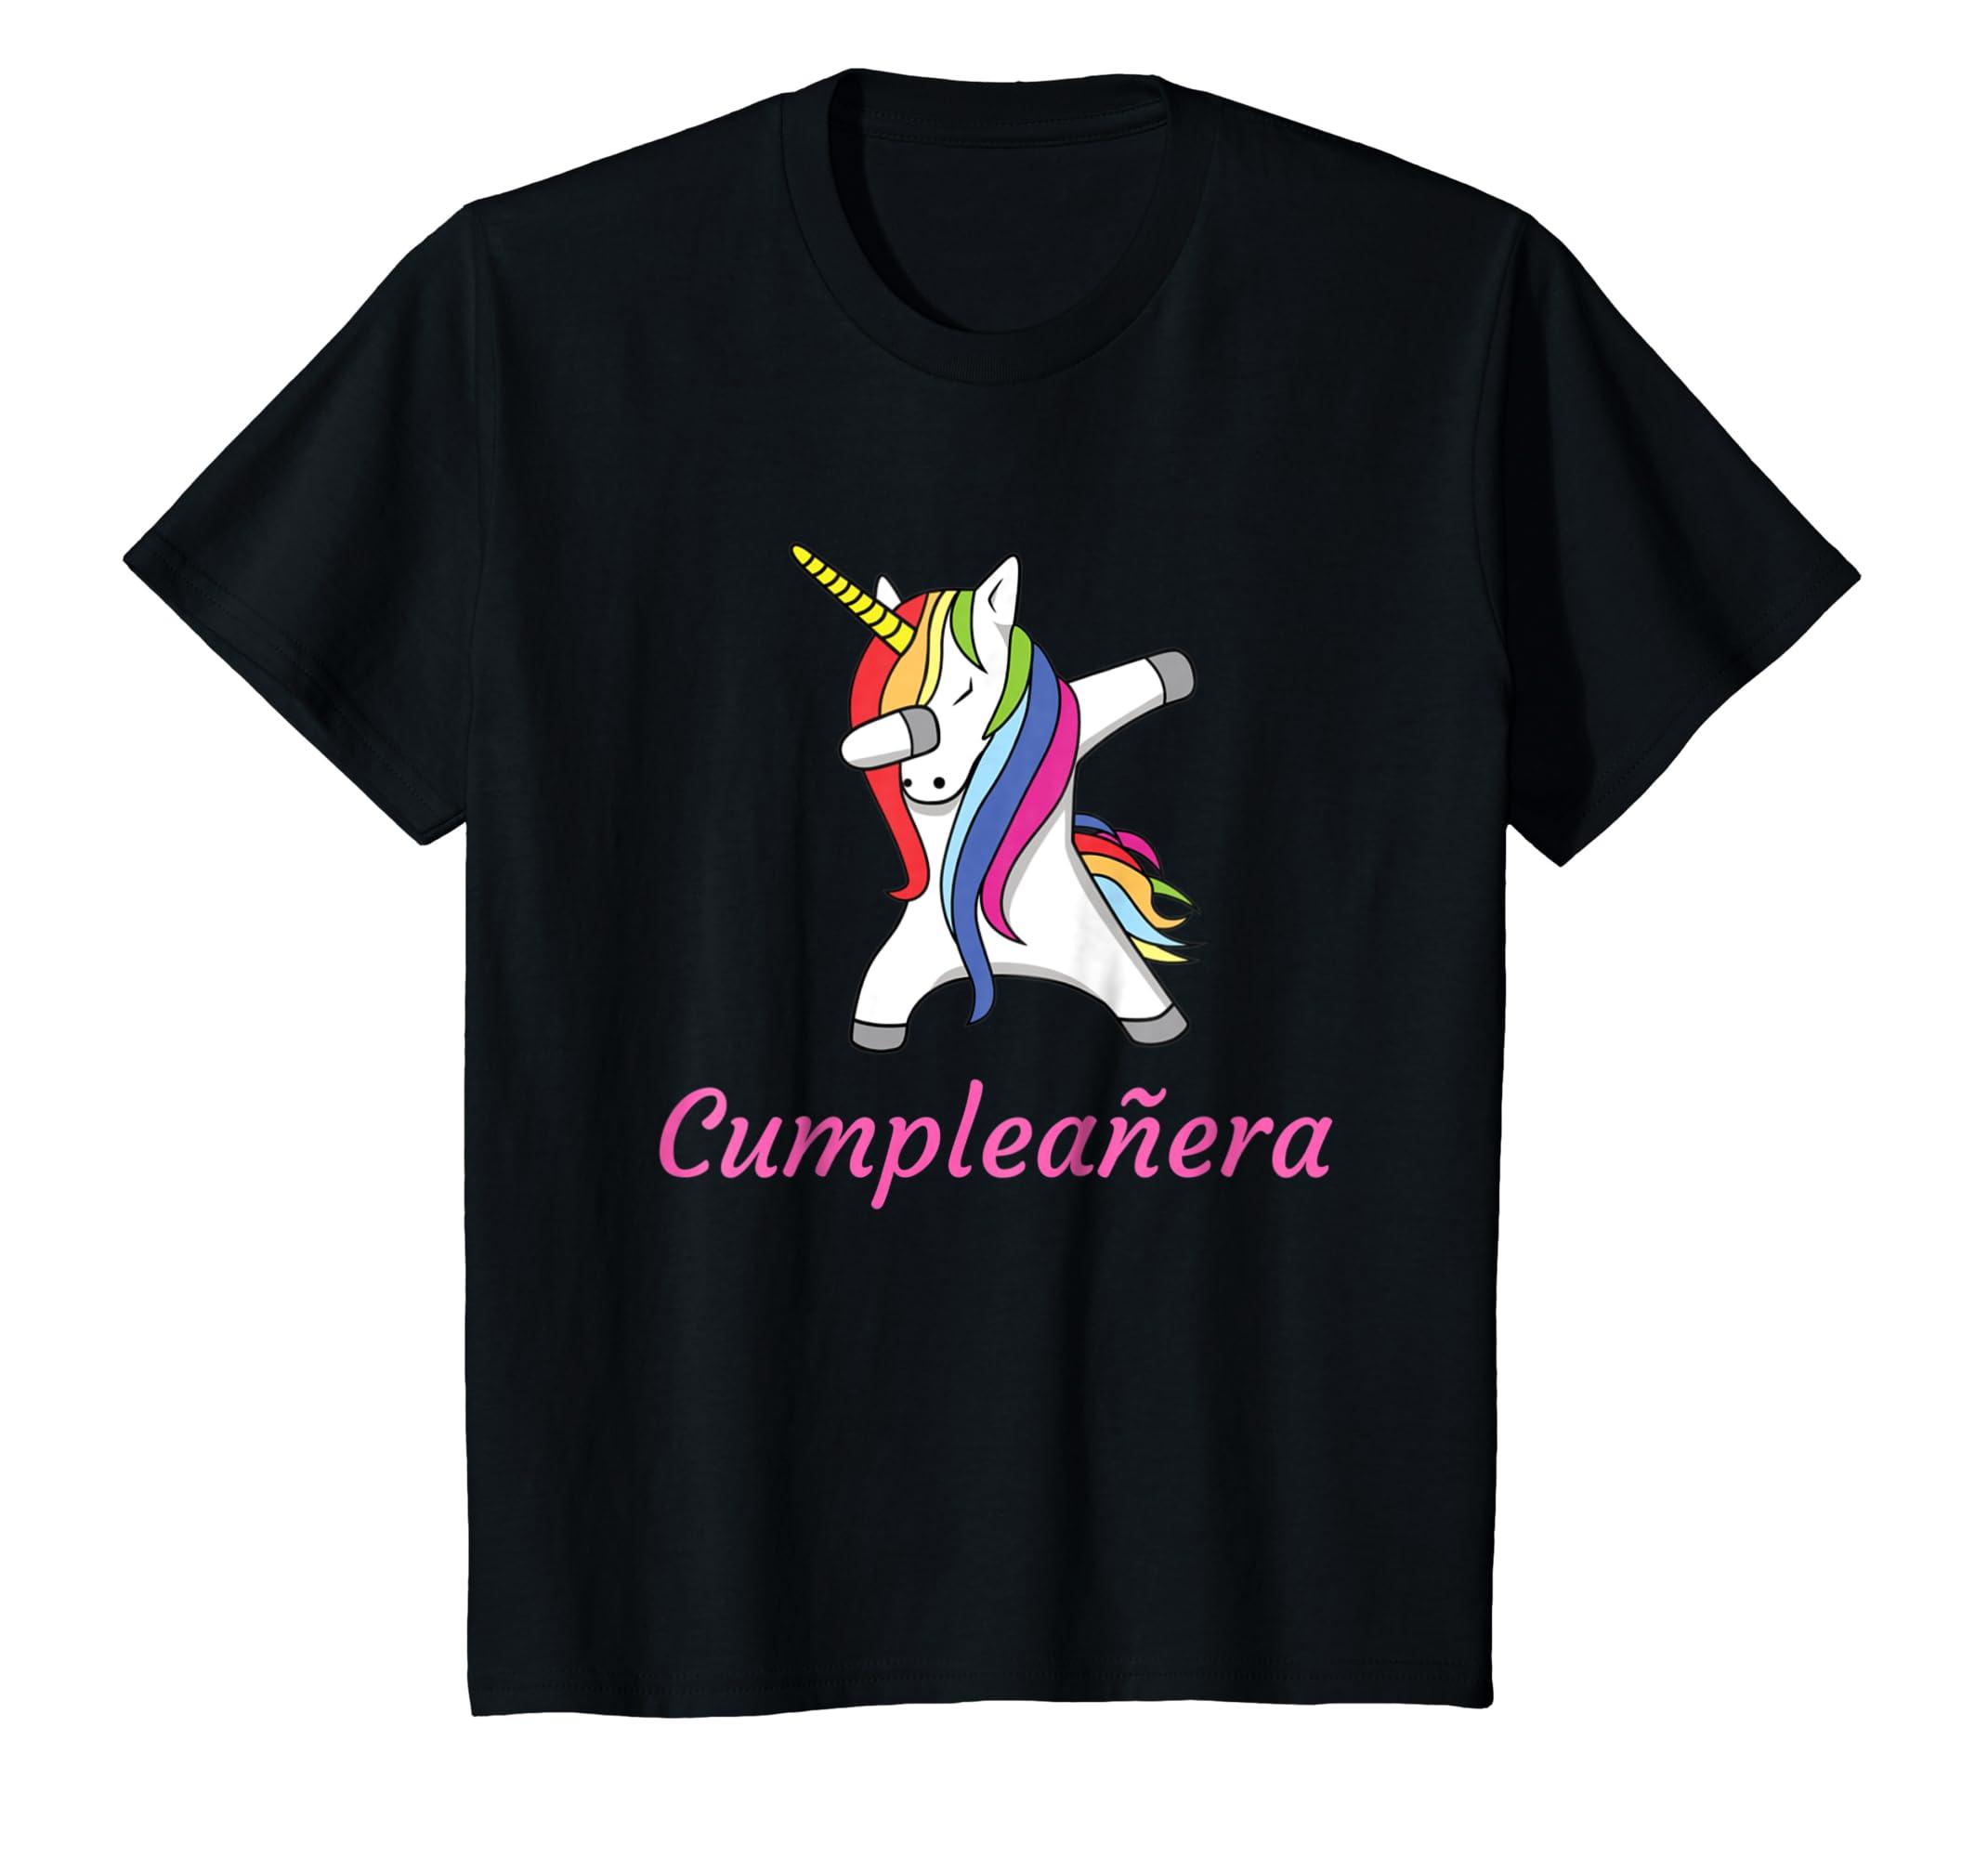 Amazon.com: Camiseta de cumpleanos para mujer nina - Unicornio Dab Dance: Clothing